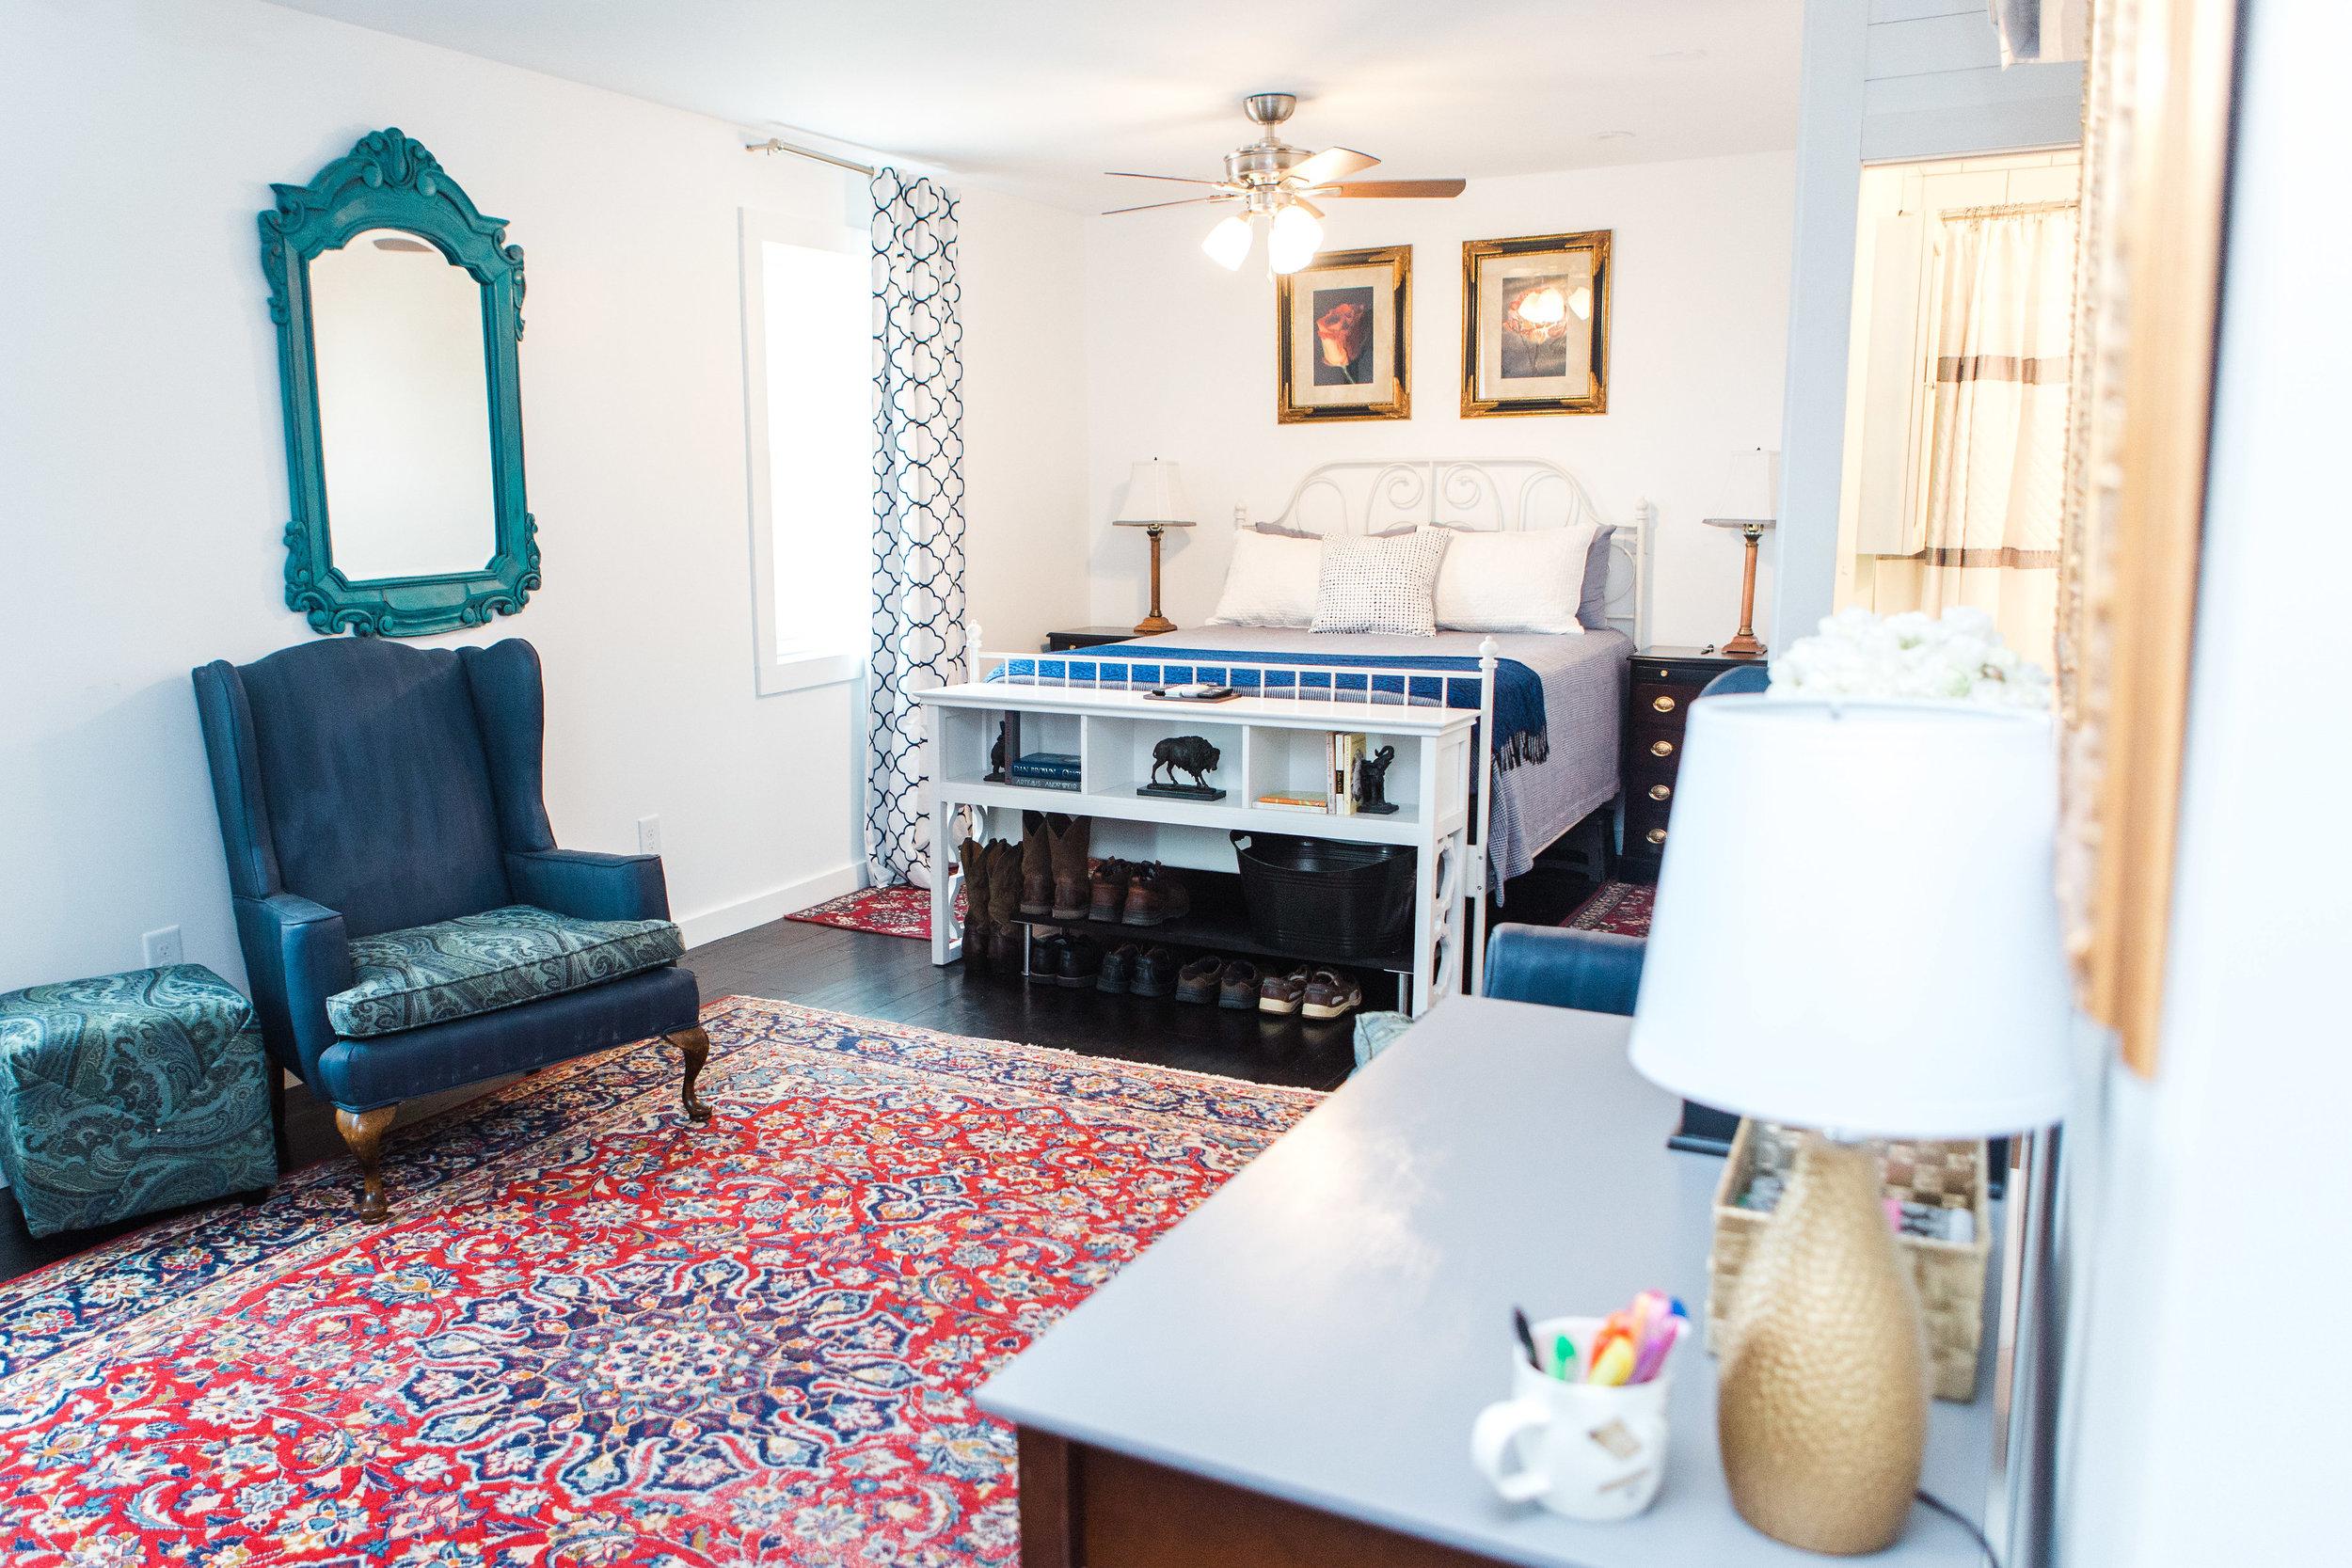 Houzz Bedroom Full Length.jpg